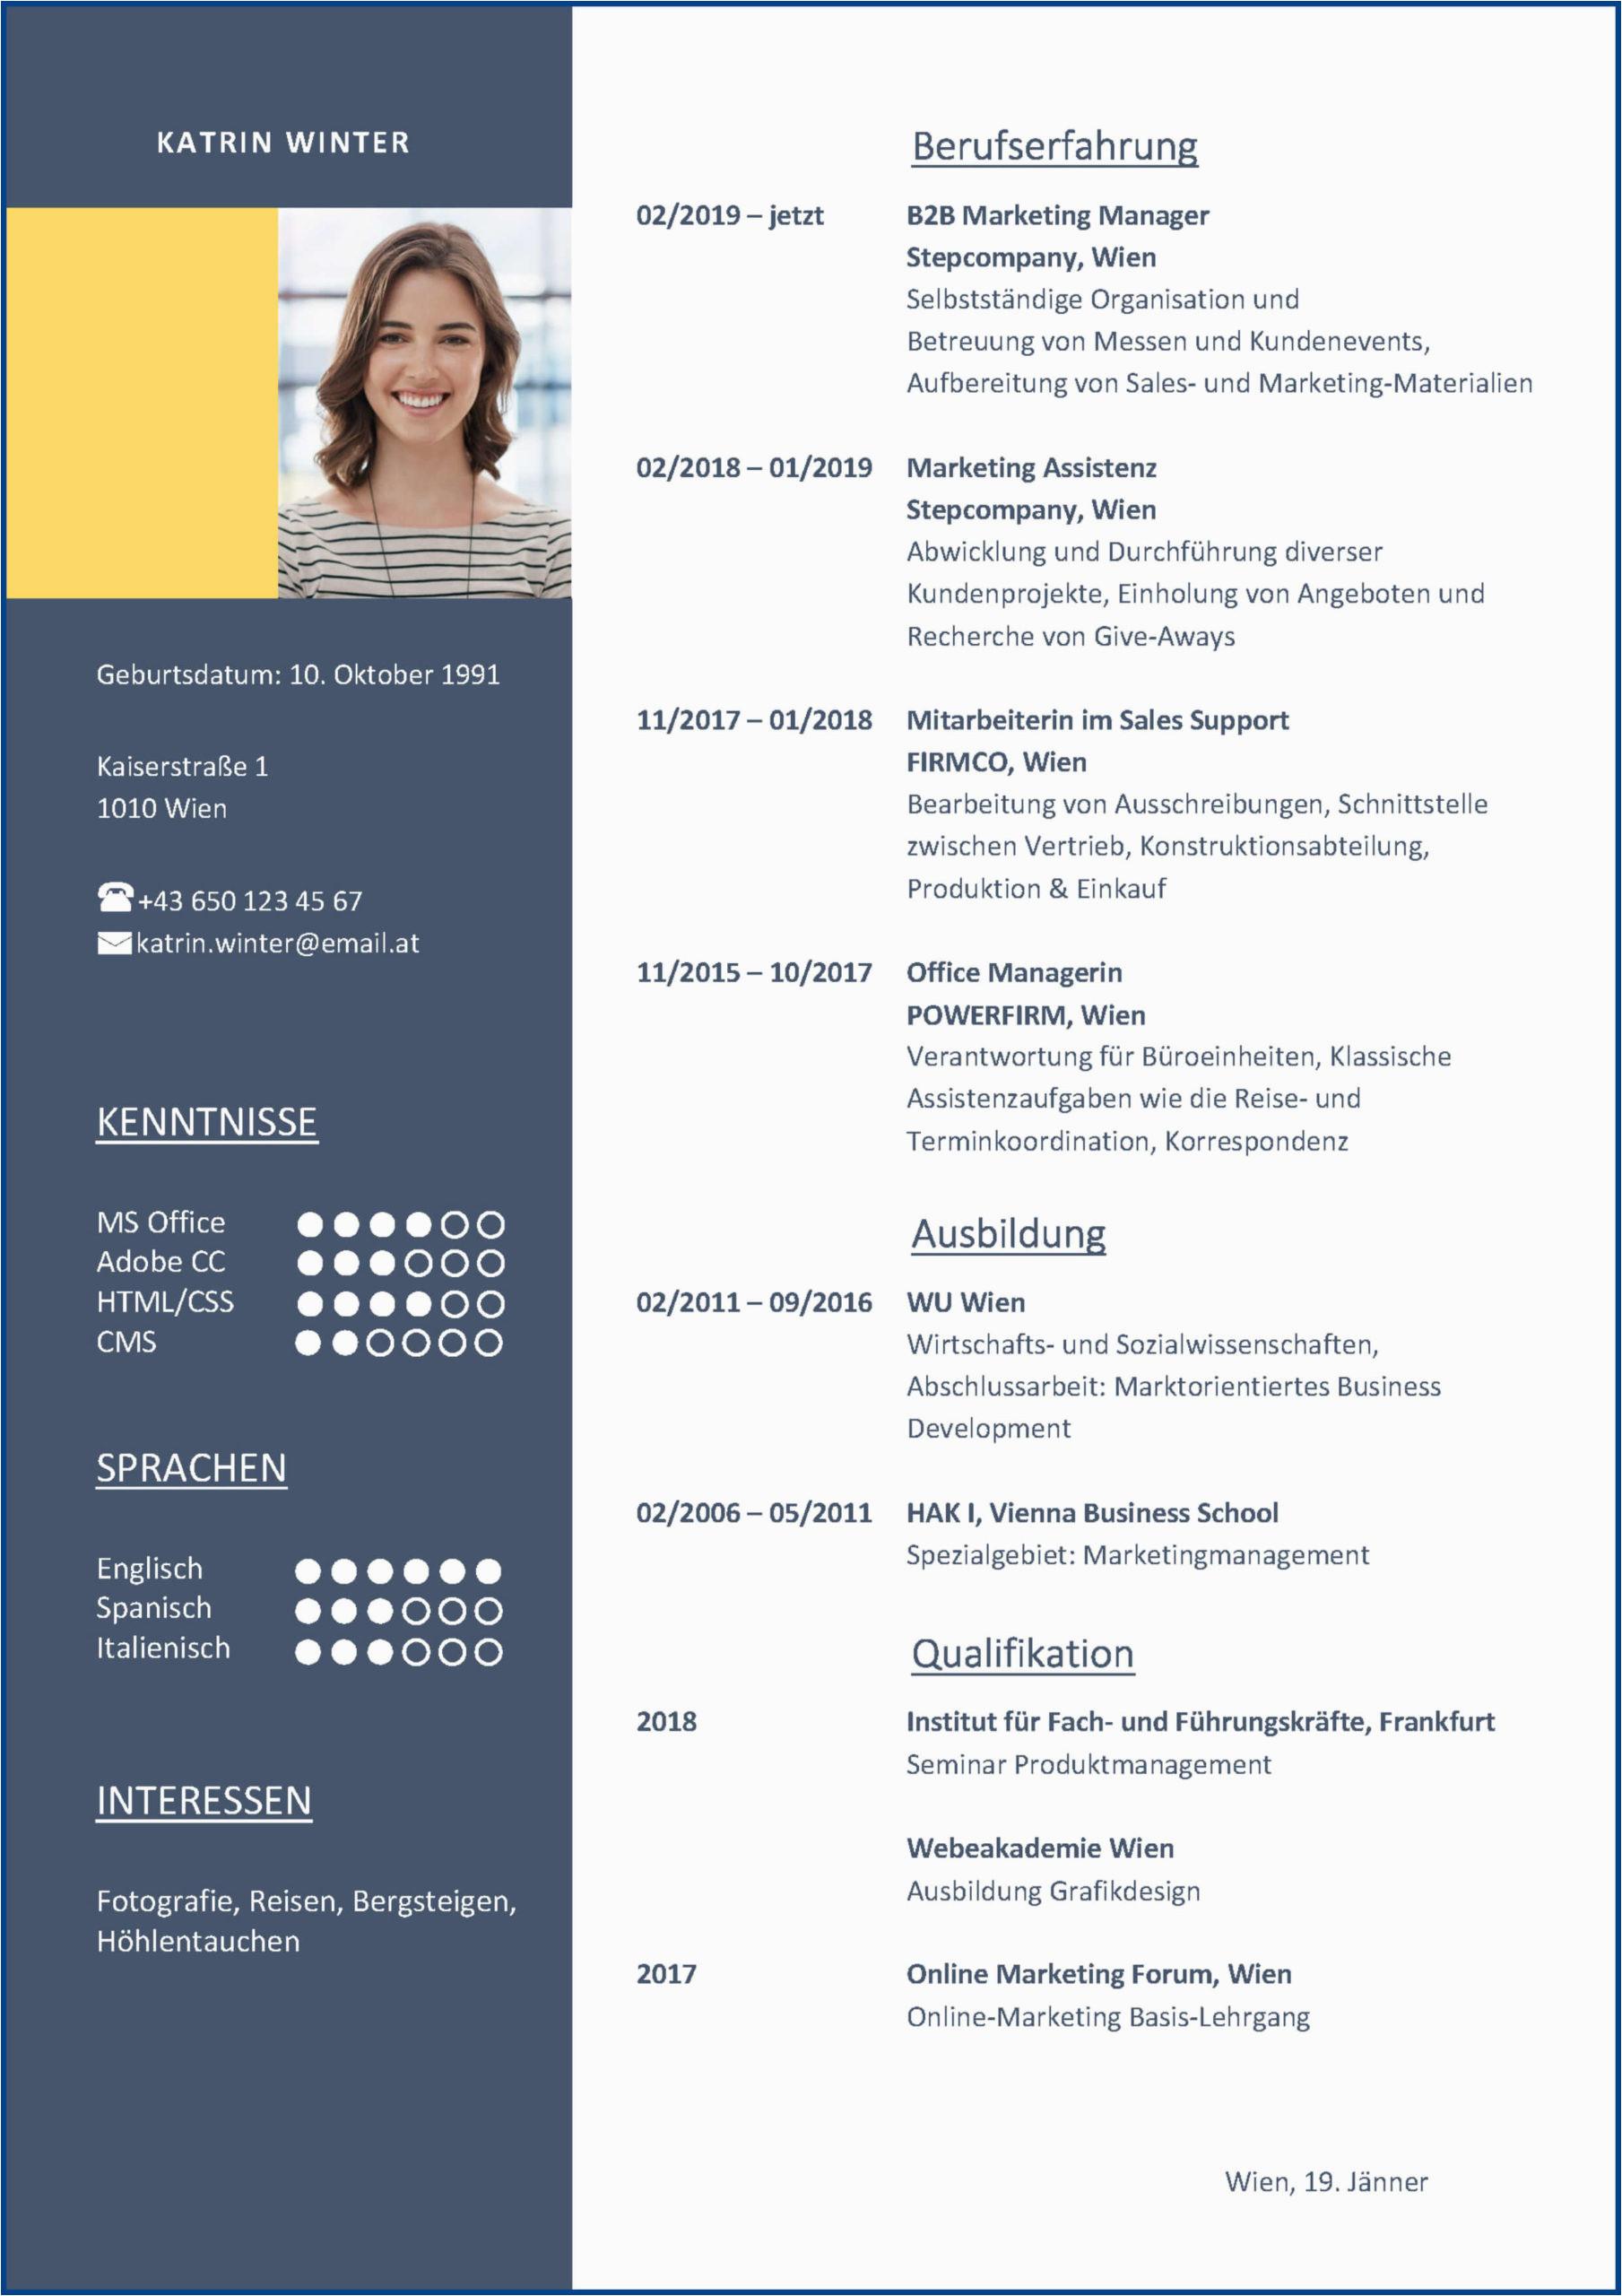 Lebenslauf Grafikdesign Pdf Der Perfekte Lebenslauf Aufbau Tipps Und Vorlagen